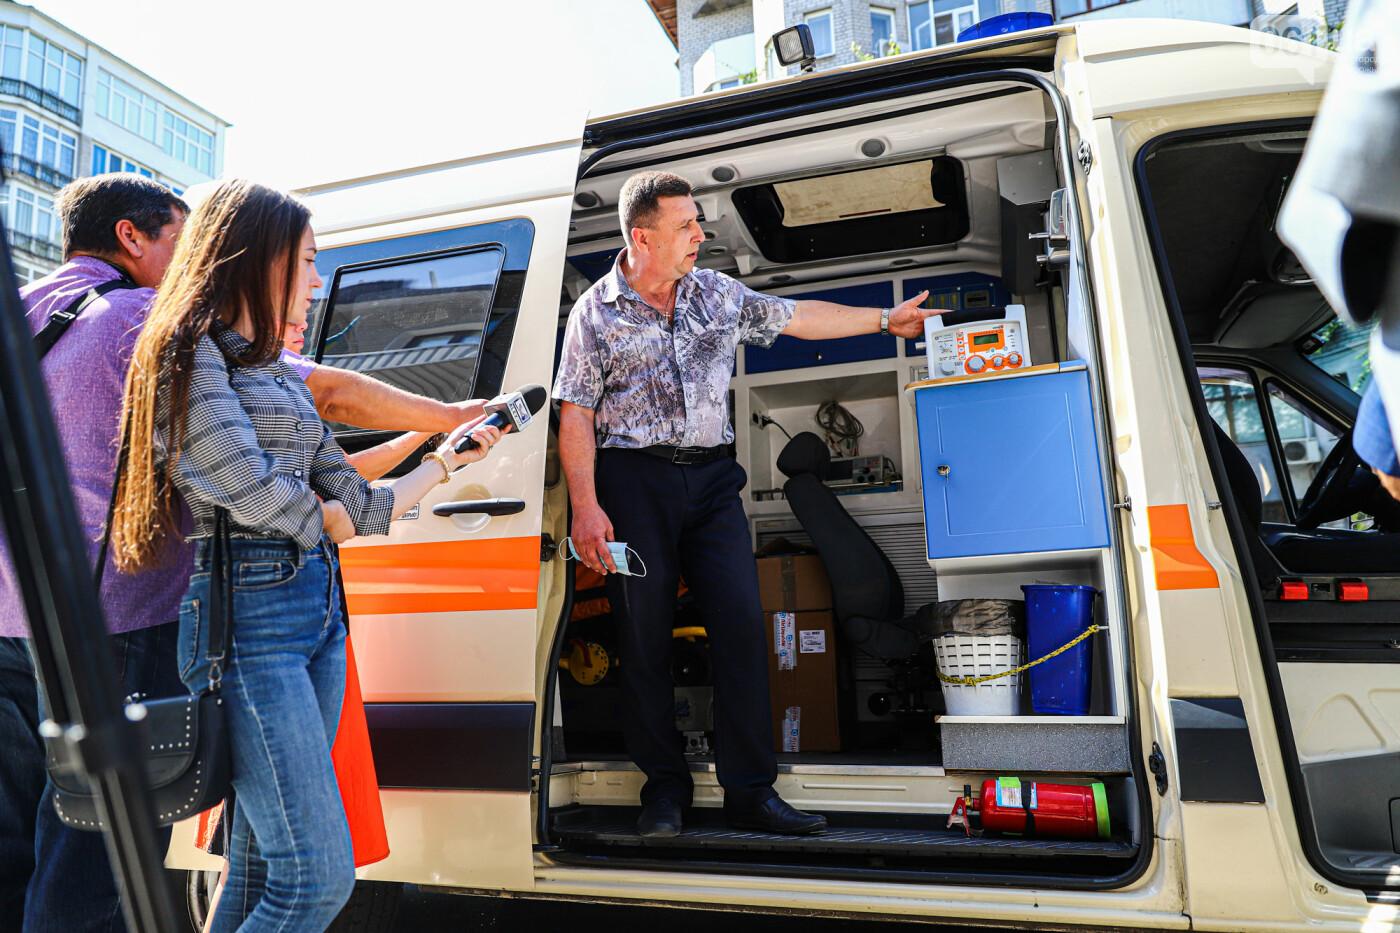 Запорожские медики скорой помощи получили транспортный аппарат ИВЛ стоимостью 200 тысяч гривен, - ФОТО, фото-3